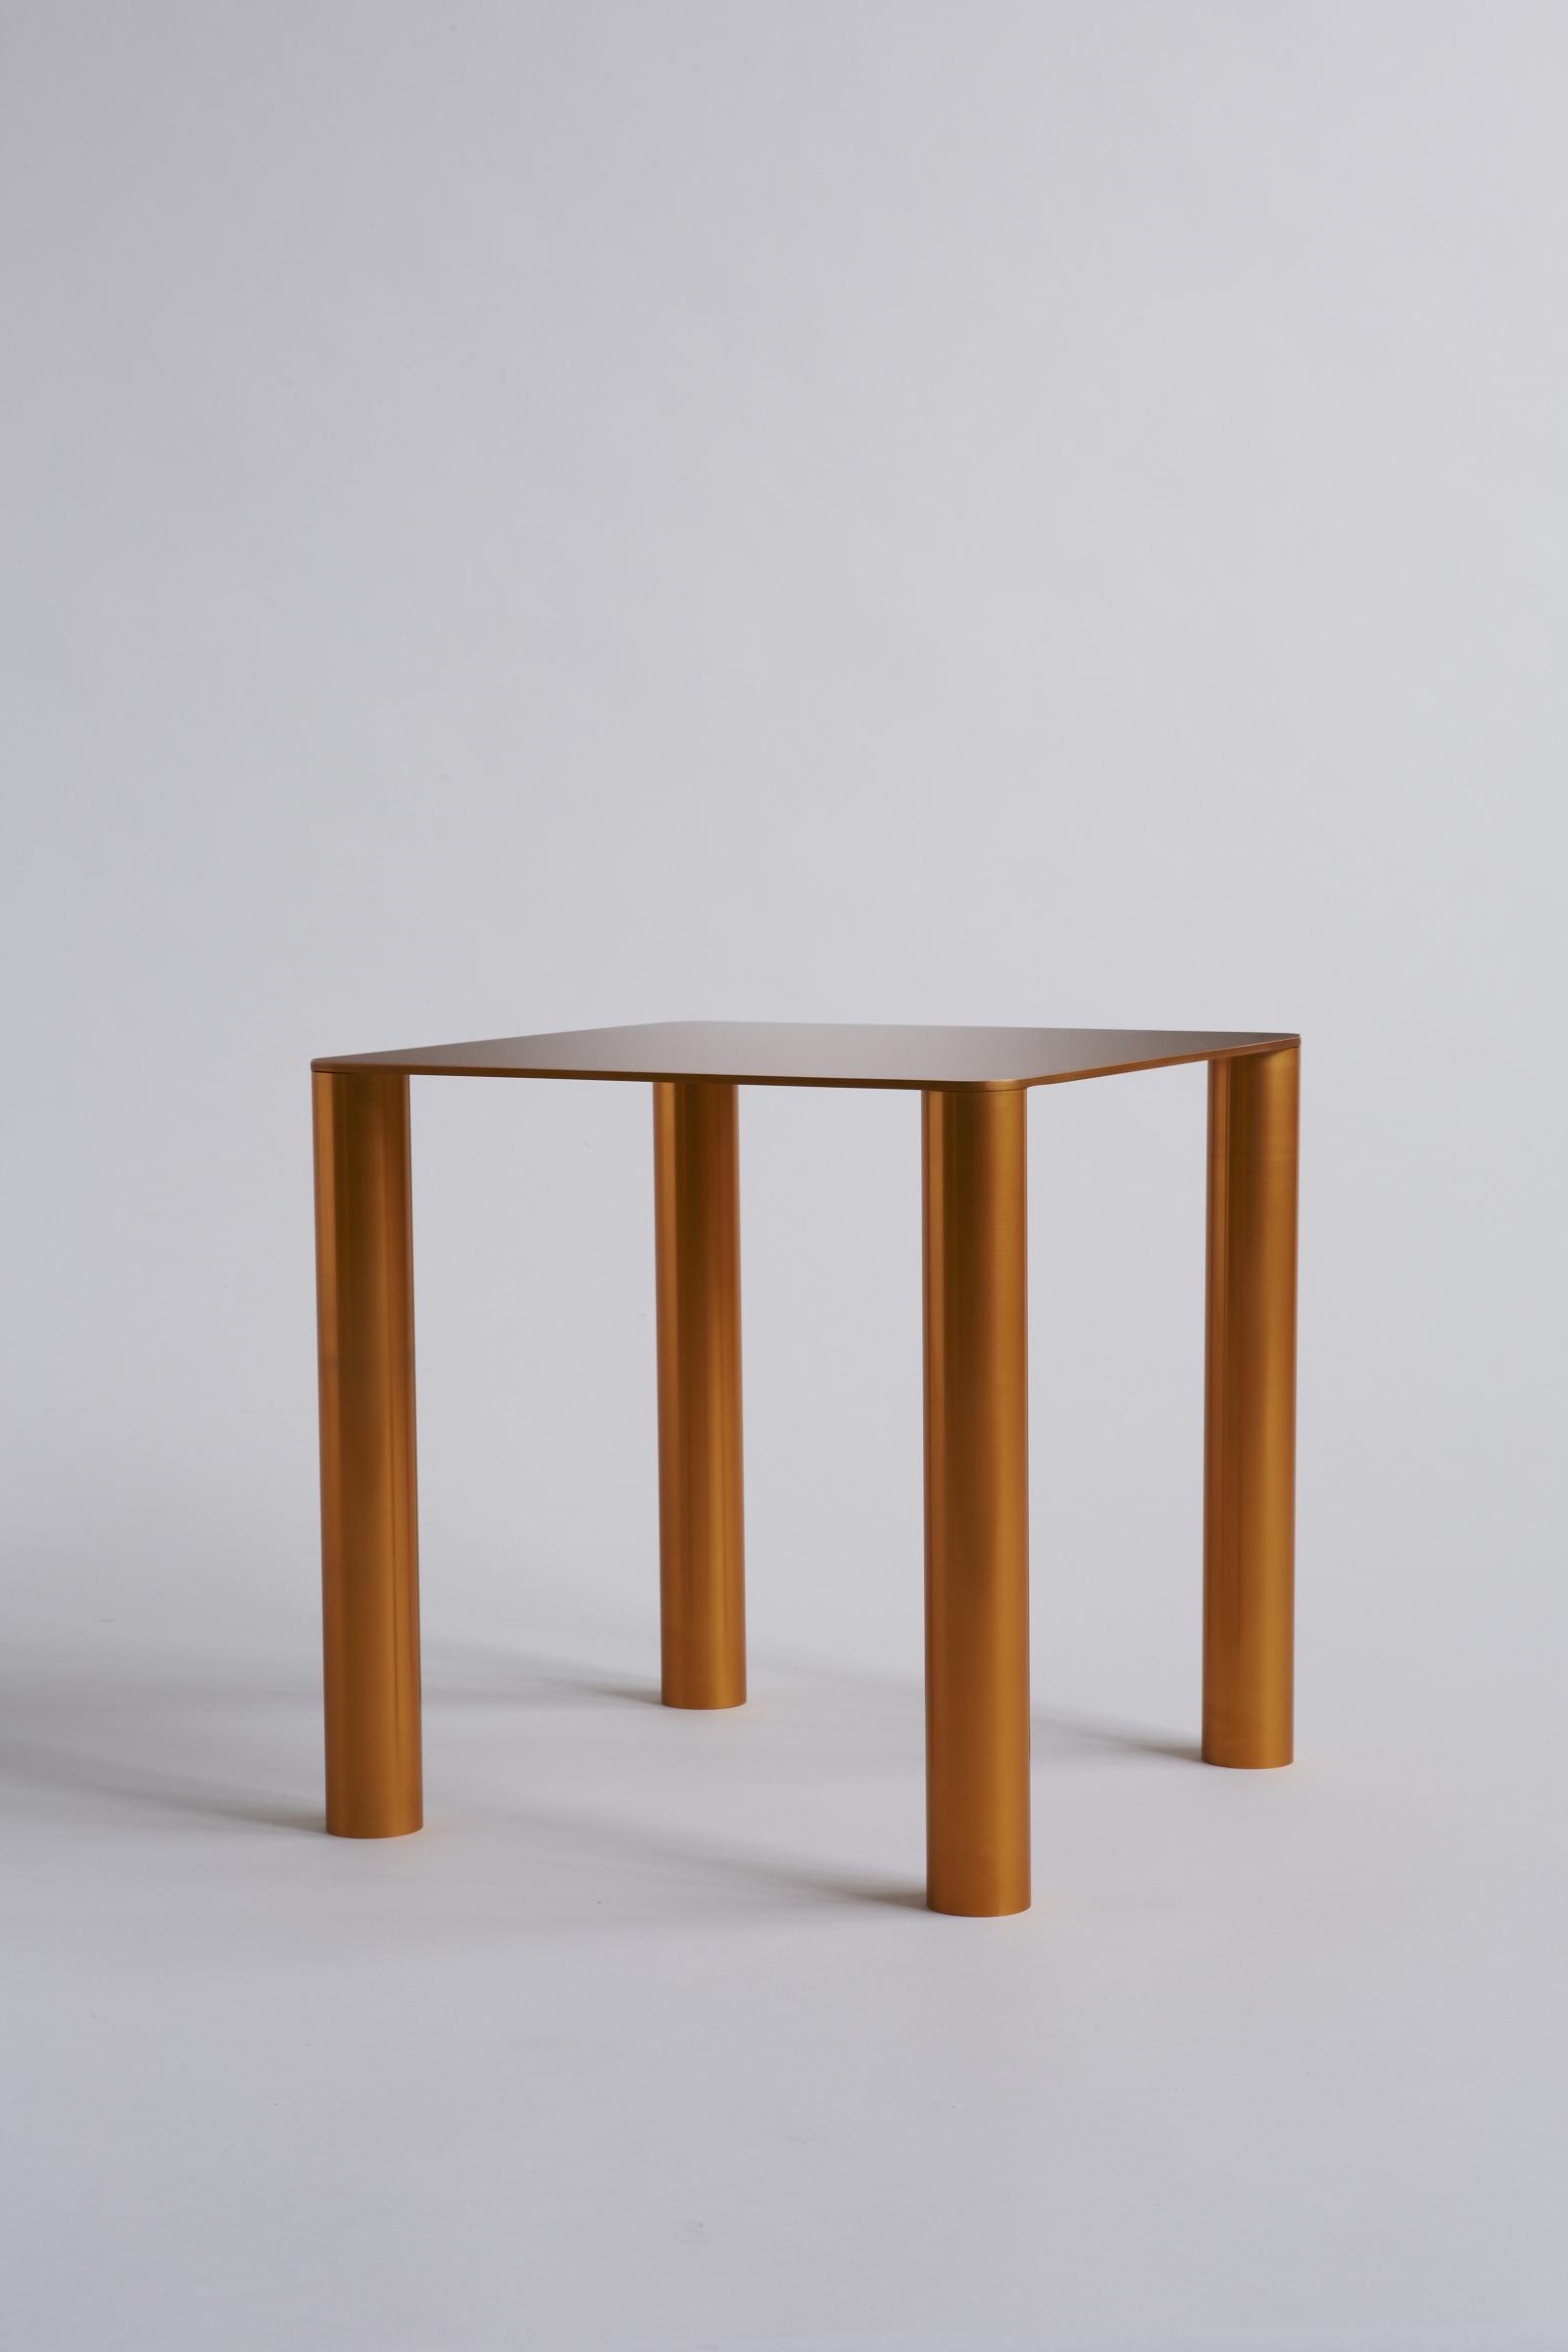 Ornamental Furniture - David Horan